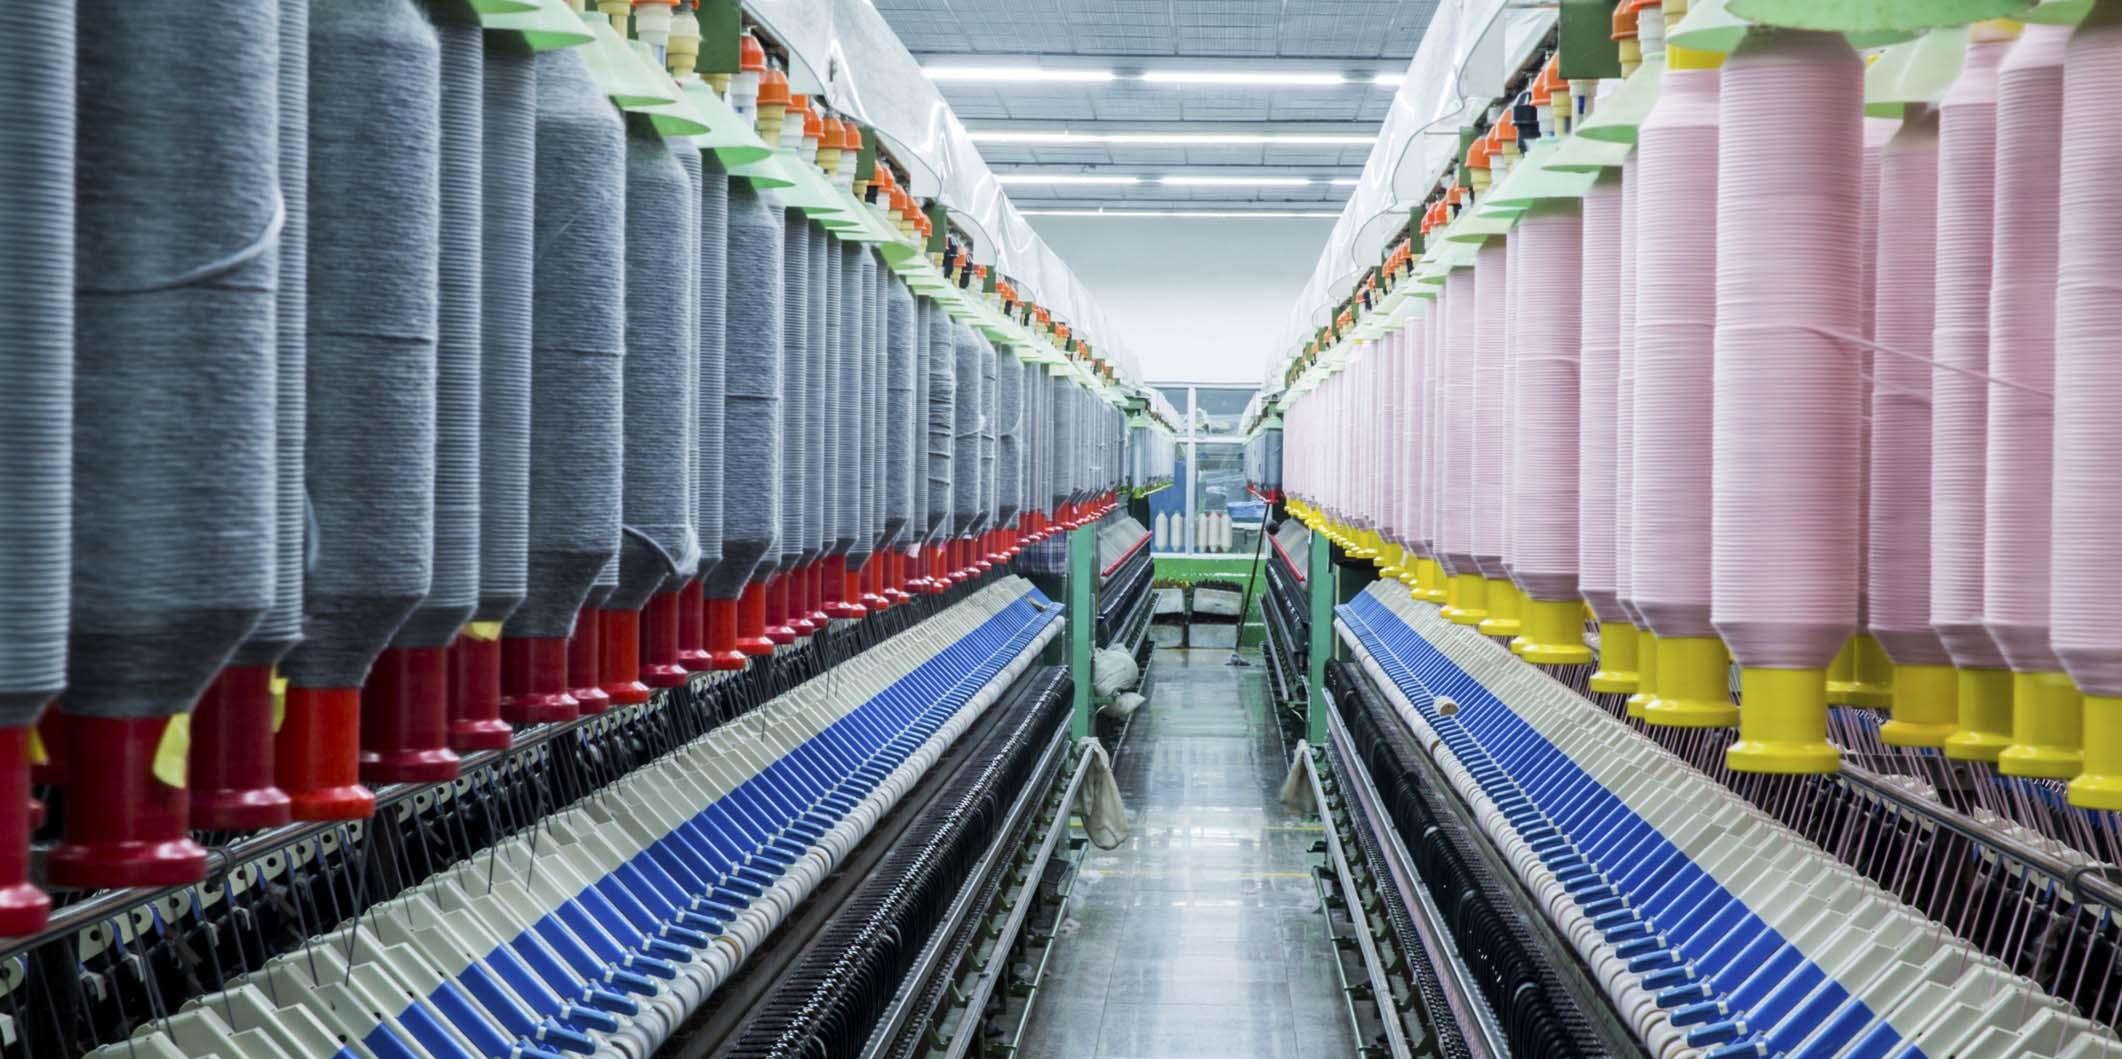 Fonset e centrais sindicais analisam conversão das indústrias para combate da Covid-19